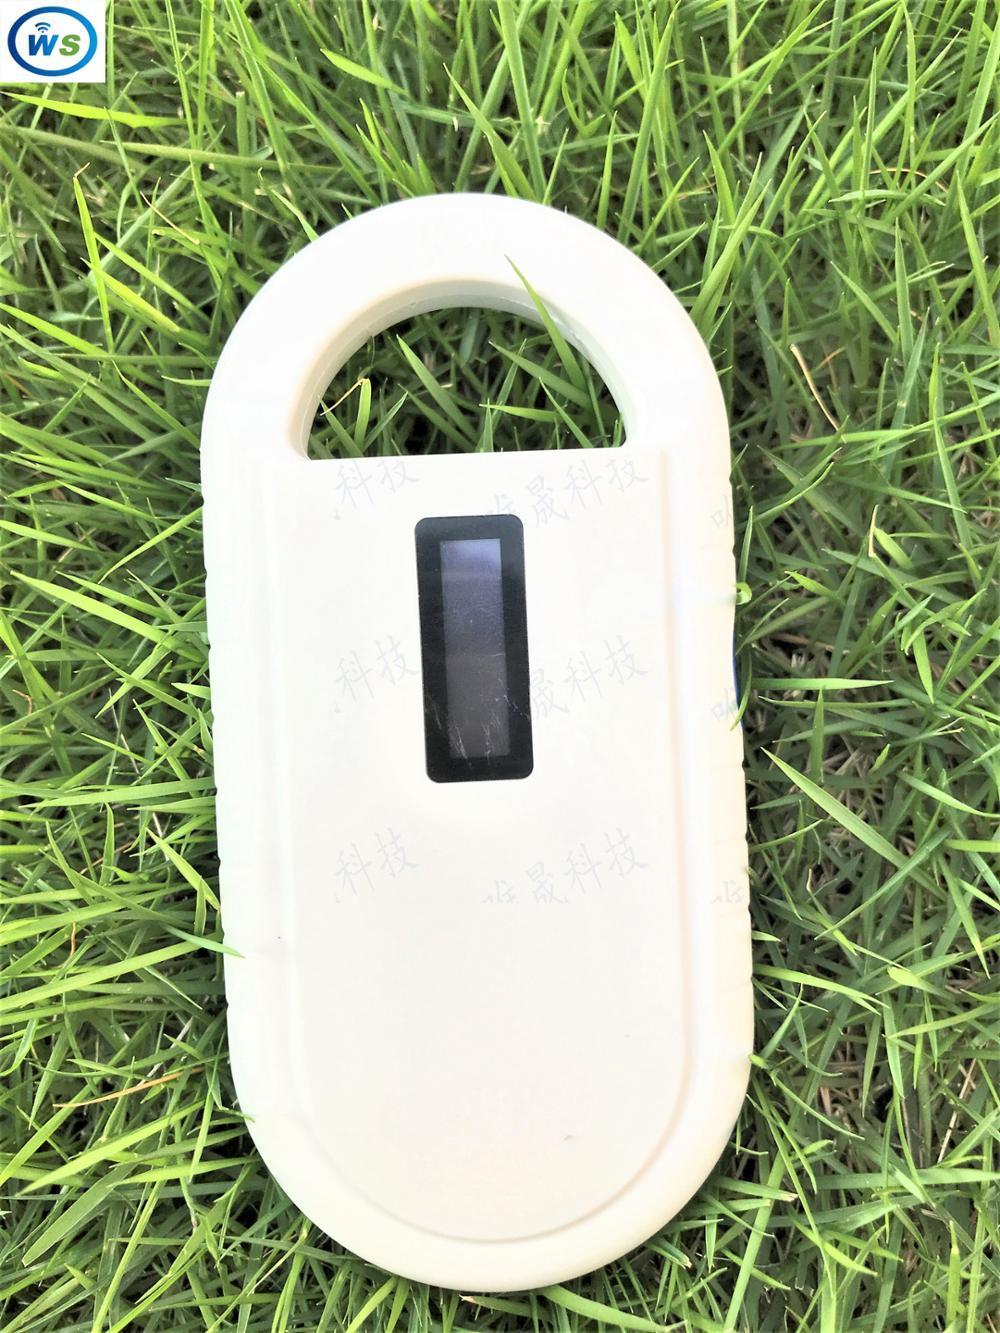 цена на Hot-sale 2017 WS product ID 134.2KHz FDX-b Glass Microchip RFID Pet Handheld reader